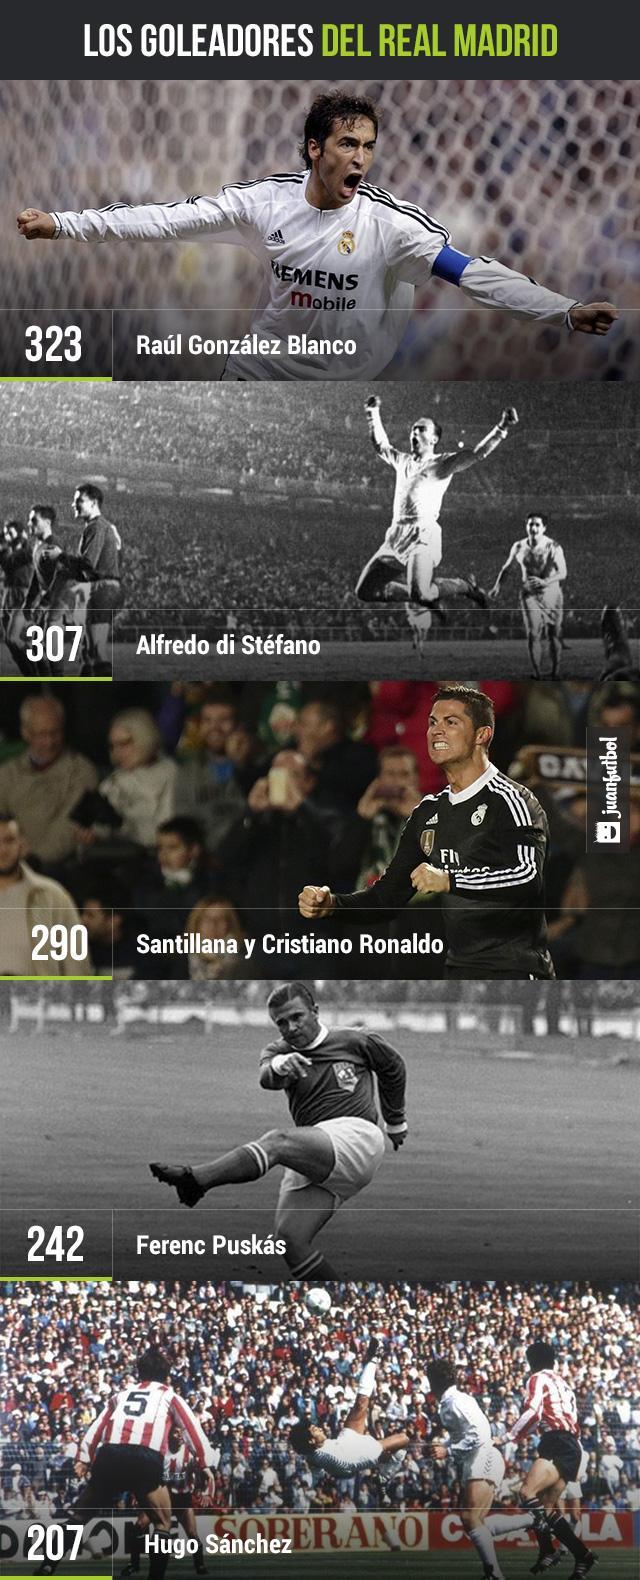 Los goleadores del Real Madrid